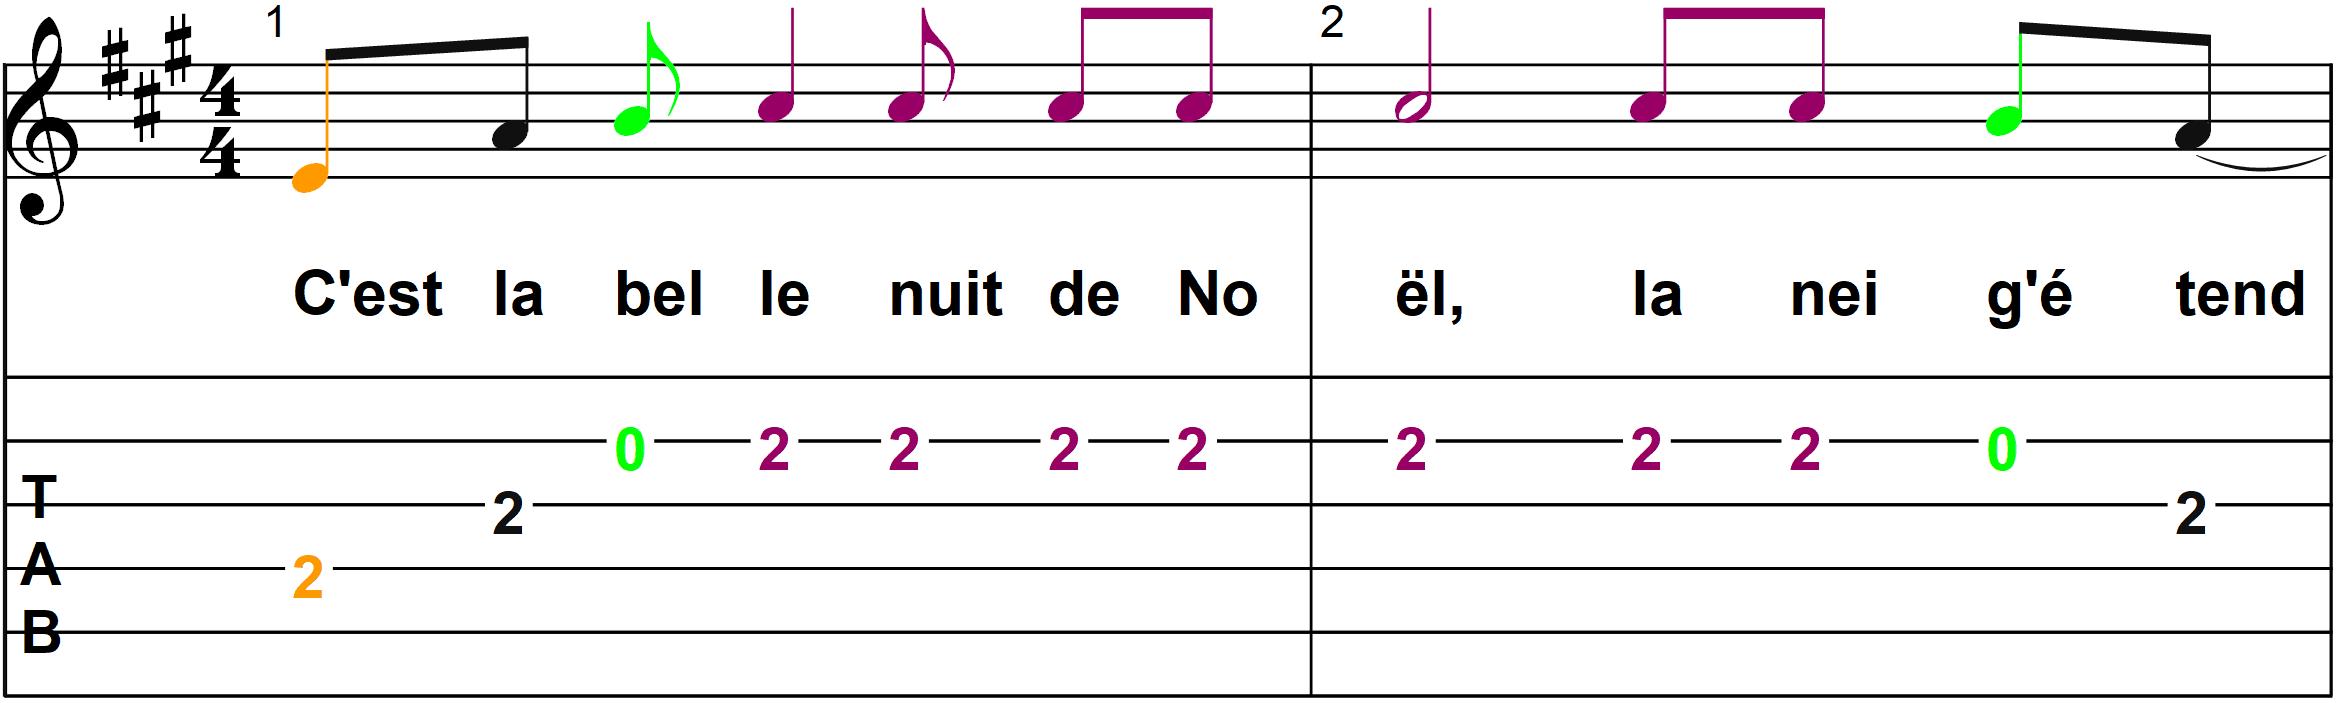 Petit Papa Noel - Mélodie du couplet A - Page 1